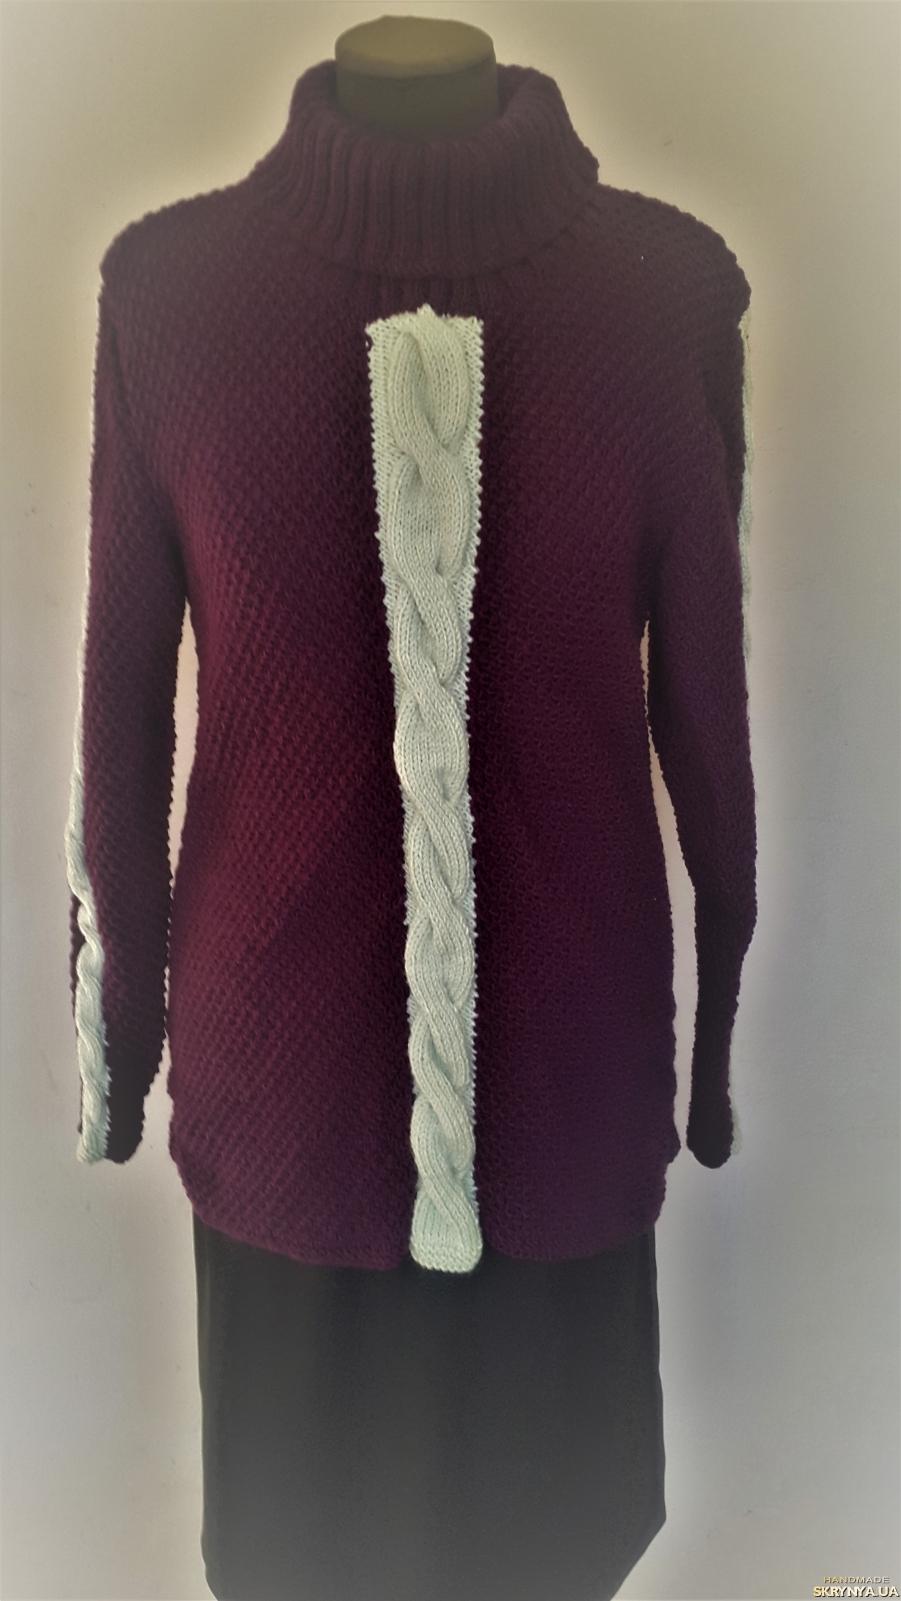 тут изображено Теплый, женский свитер ручной работы, сливового цвета, размер 46-48.